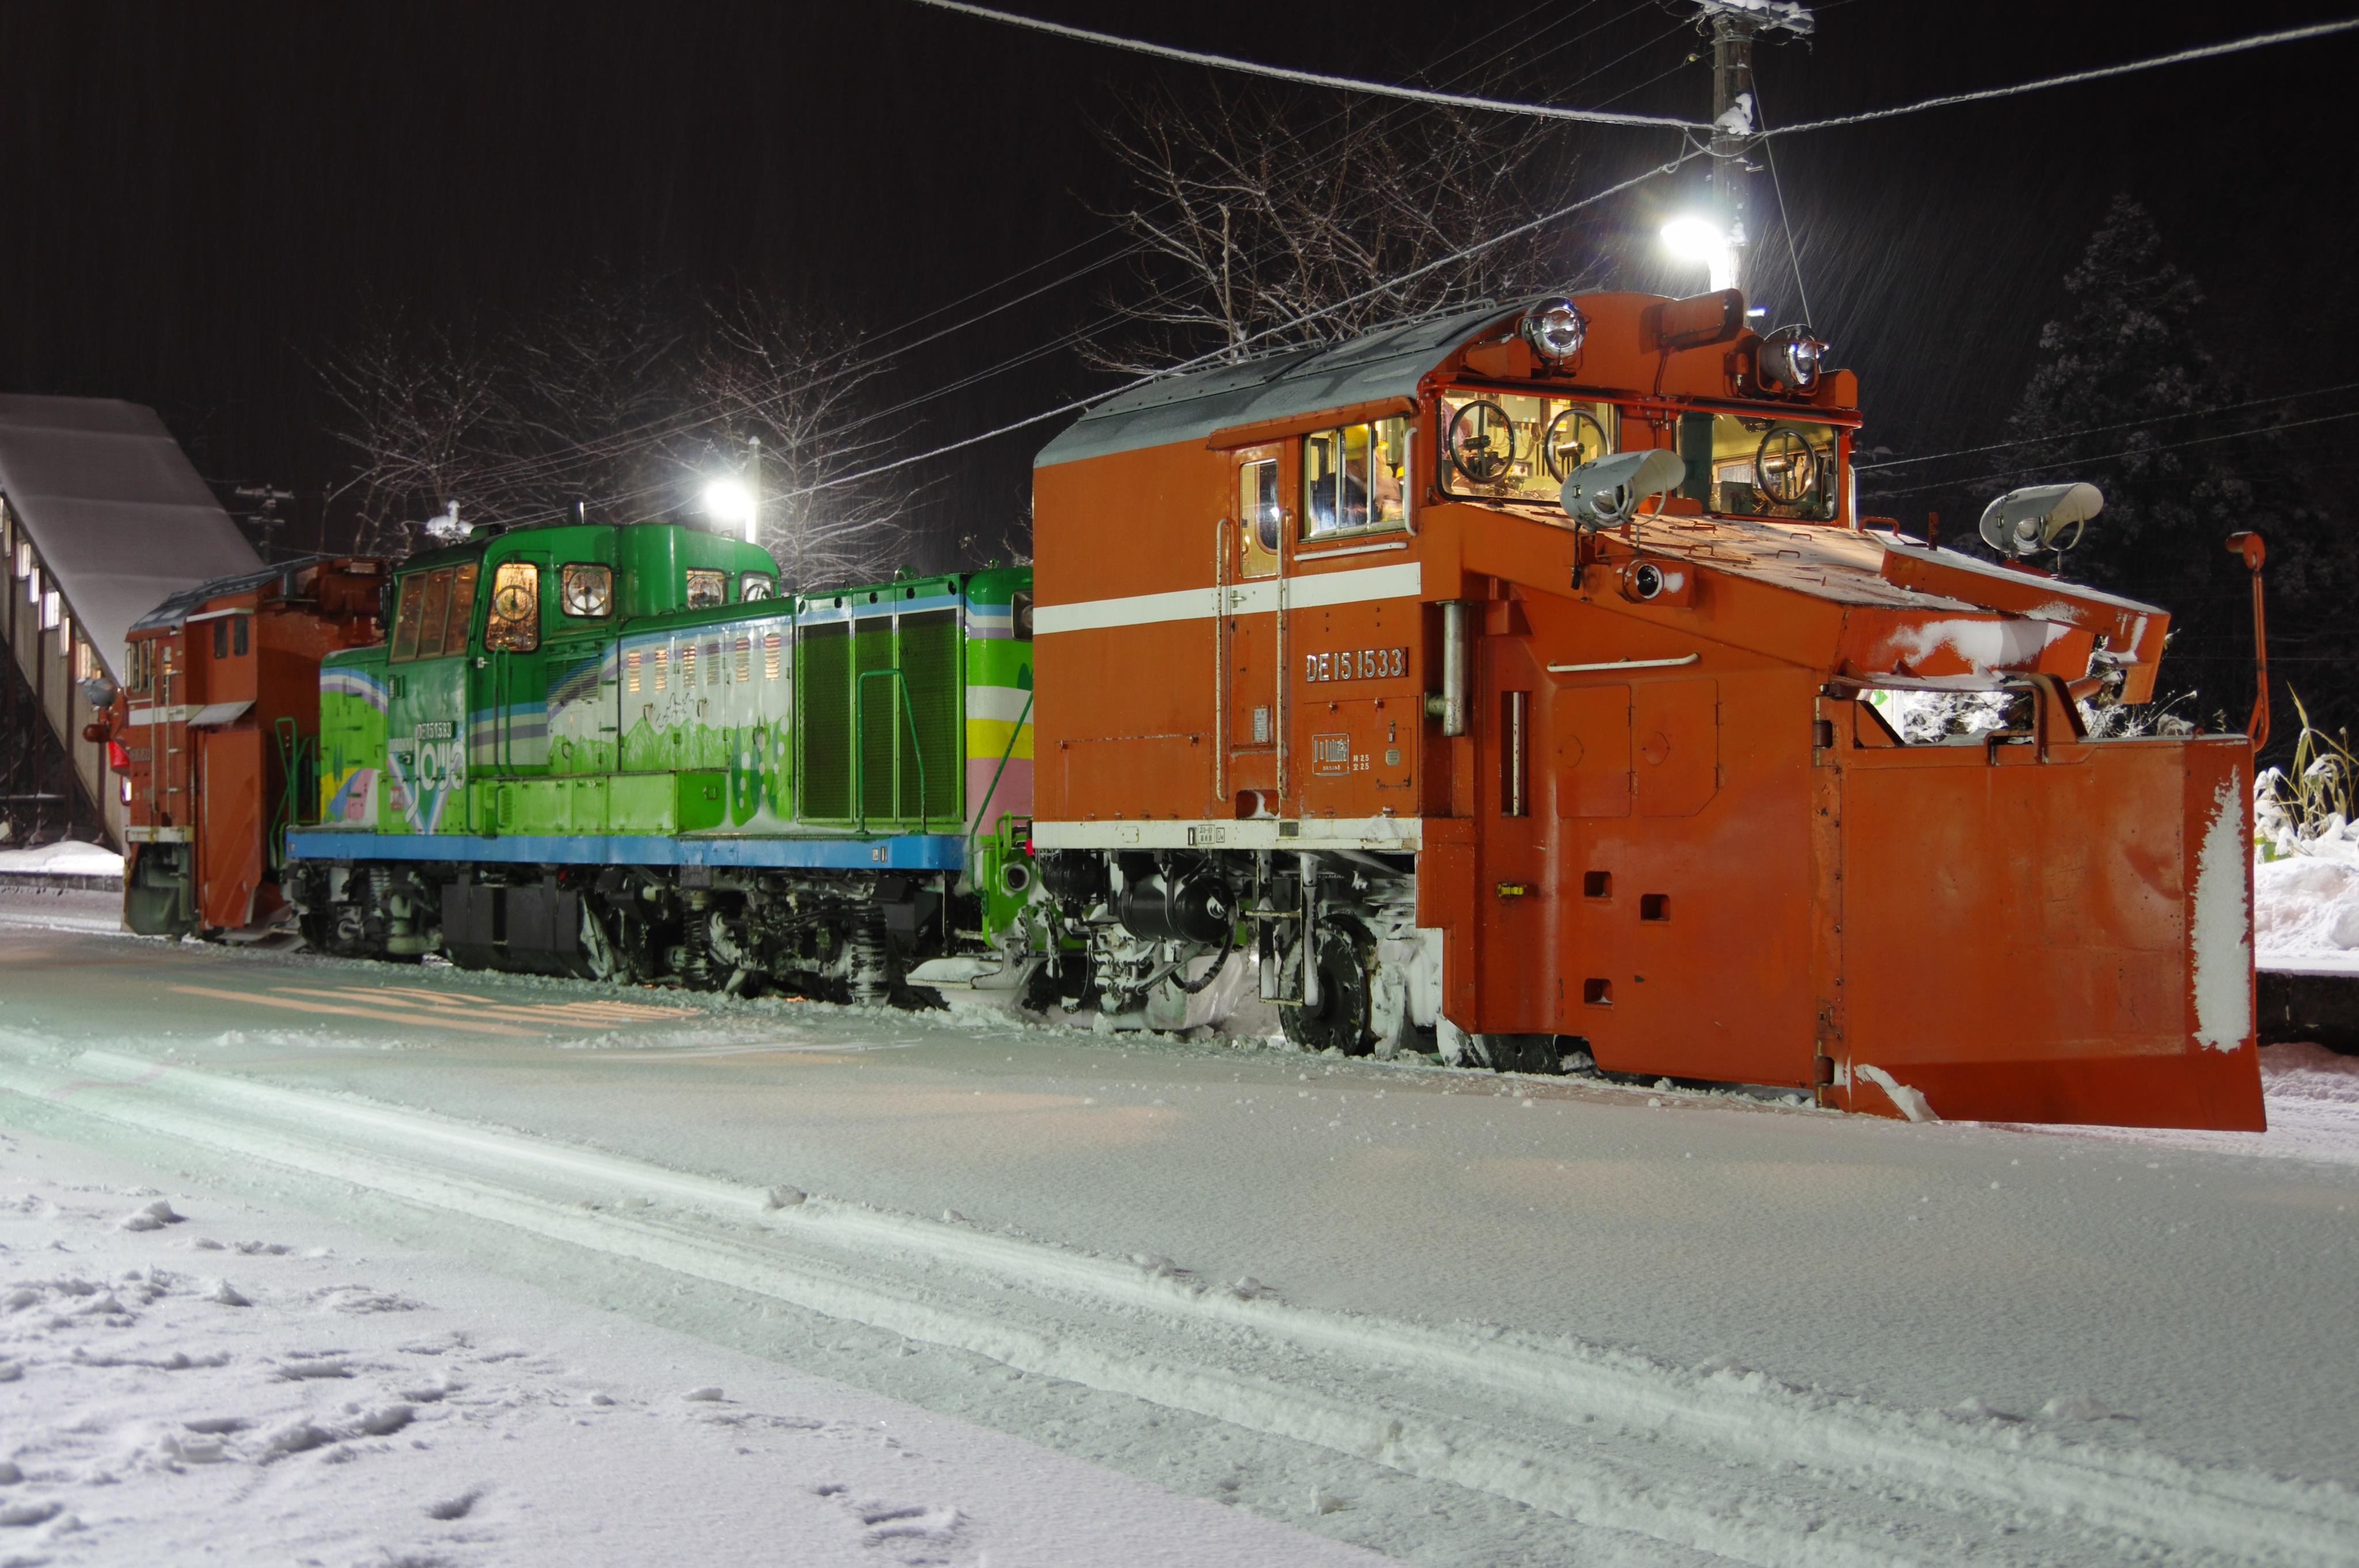 雪122レ DE15-1533機 蘭島駅.jpg